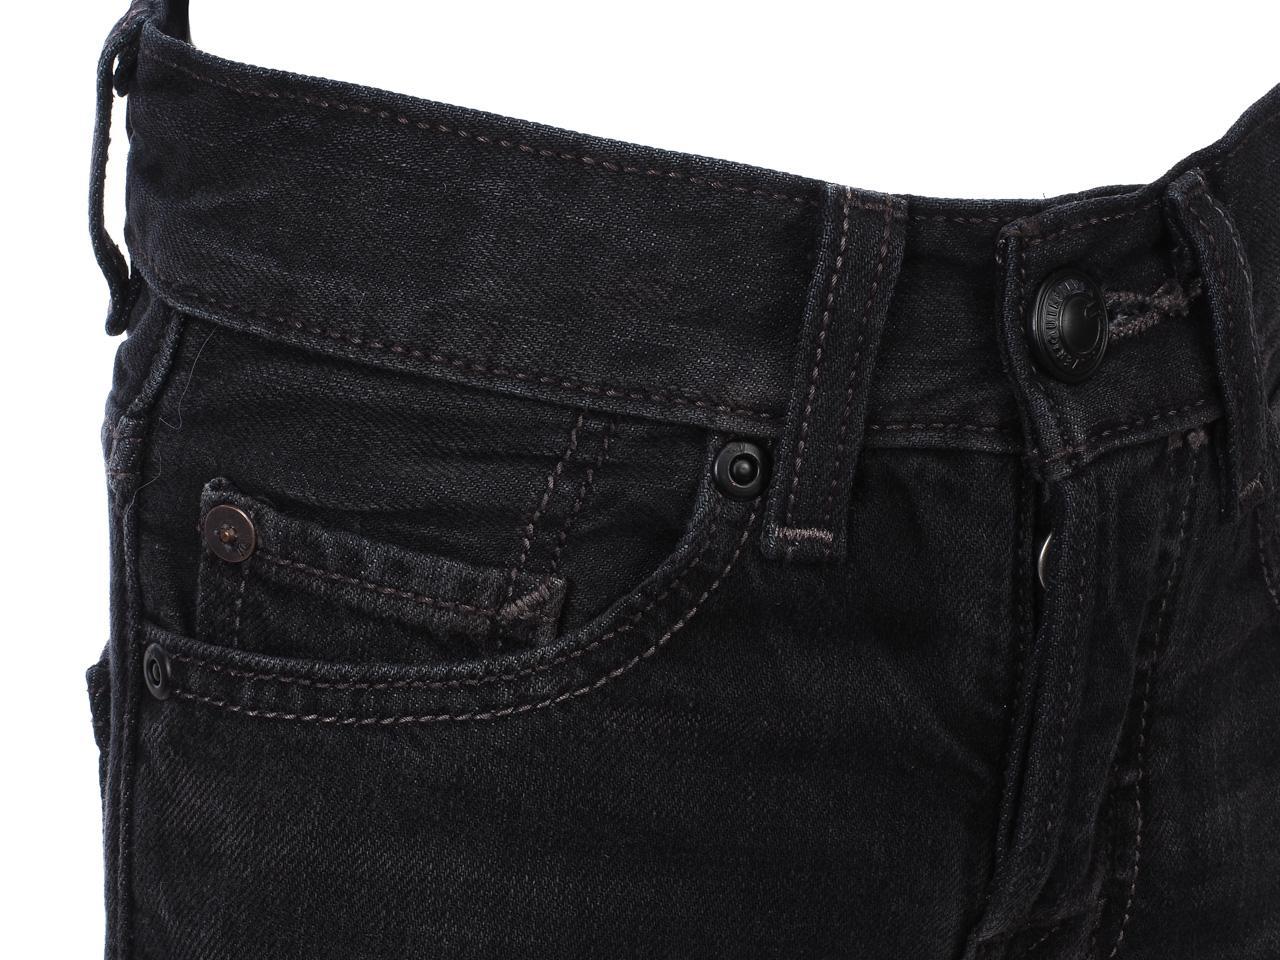 Pantalon-jeans-Quiksilver-Revolver-blk-jeans-jr-Noir-23464-Neuf